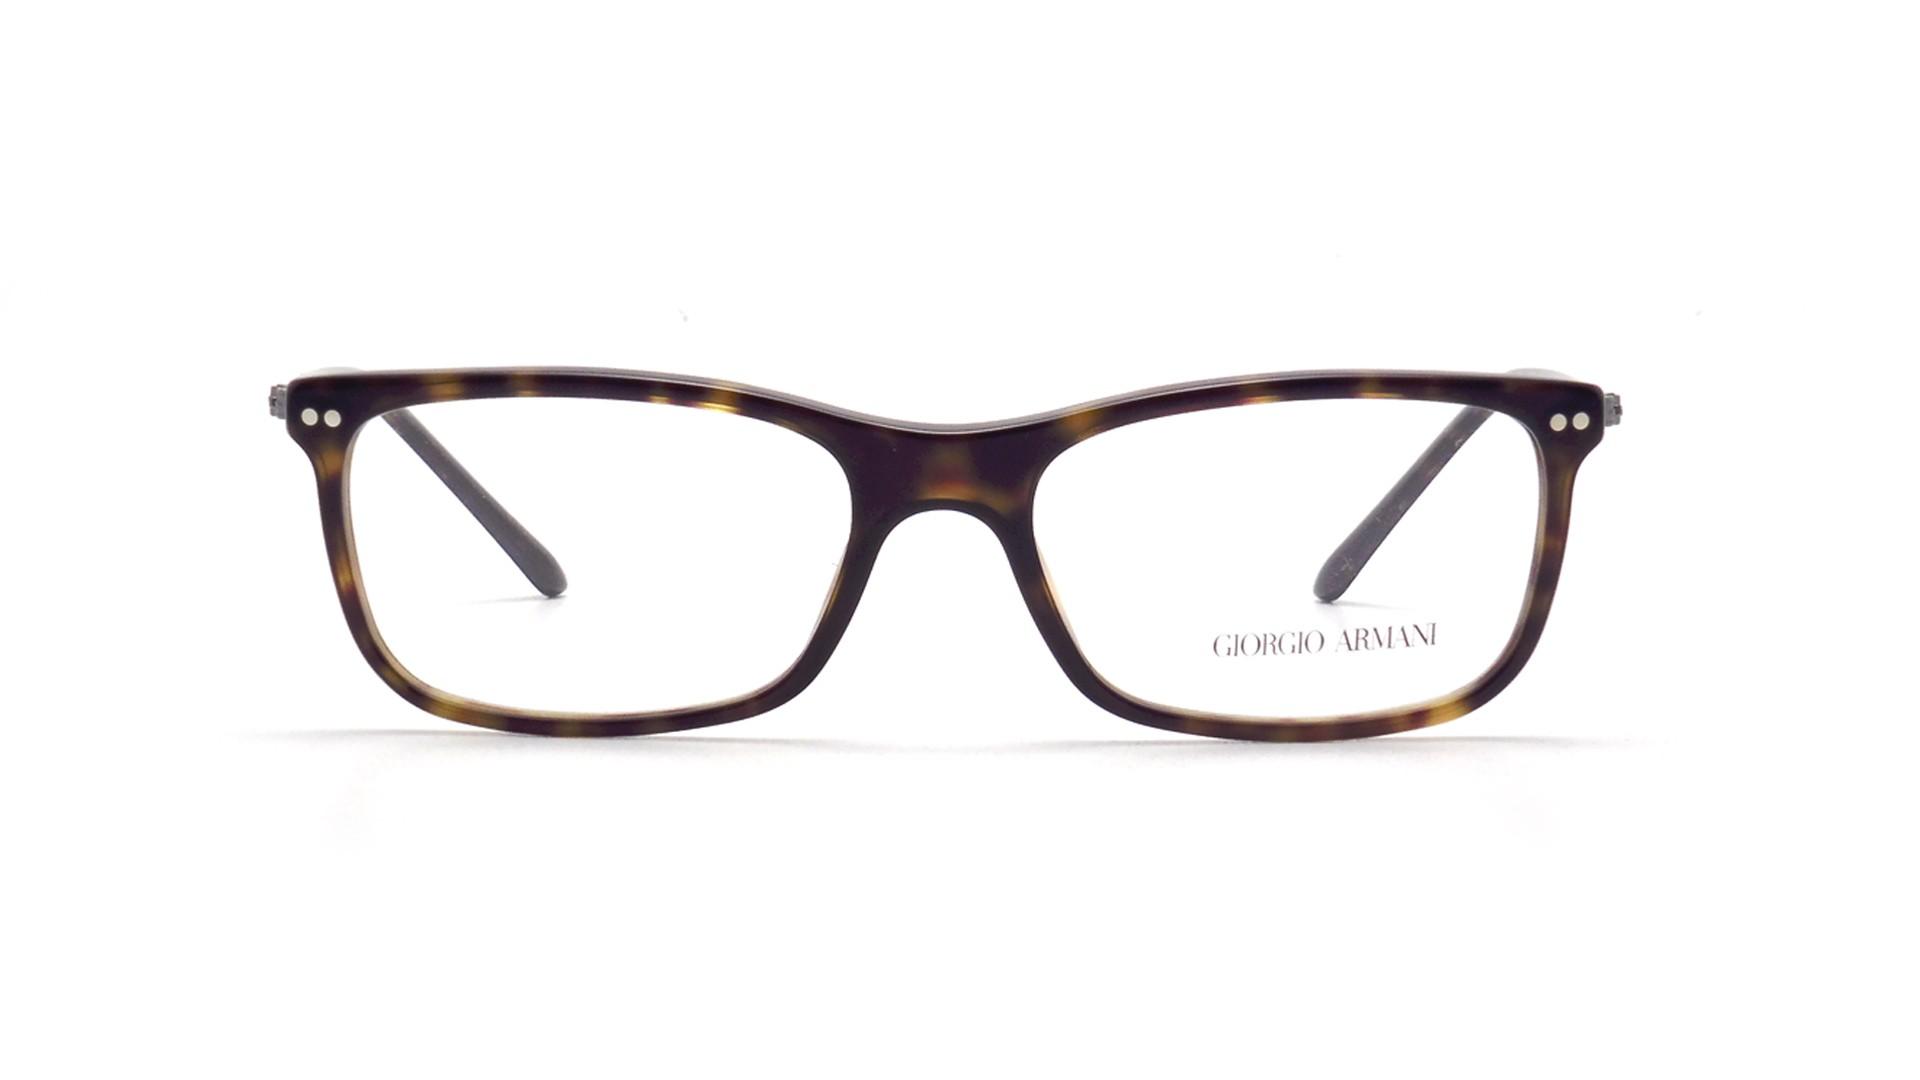 Giorgio Armani Glasses Frames Of Life : Giorgio Armani Frames of Life Tortoise AR7085 5026 54-17 ...